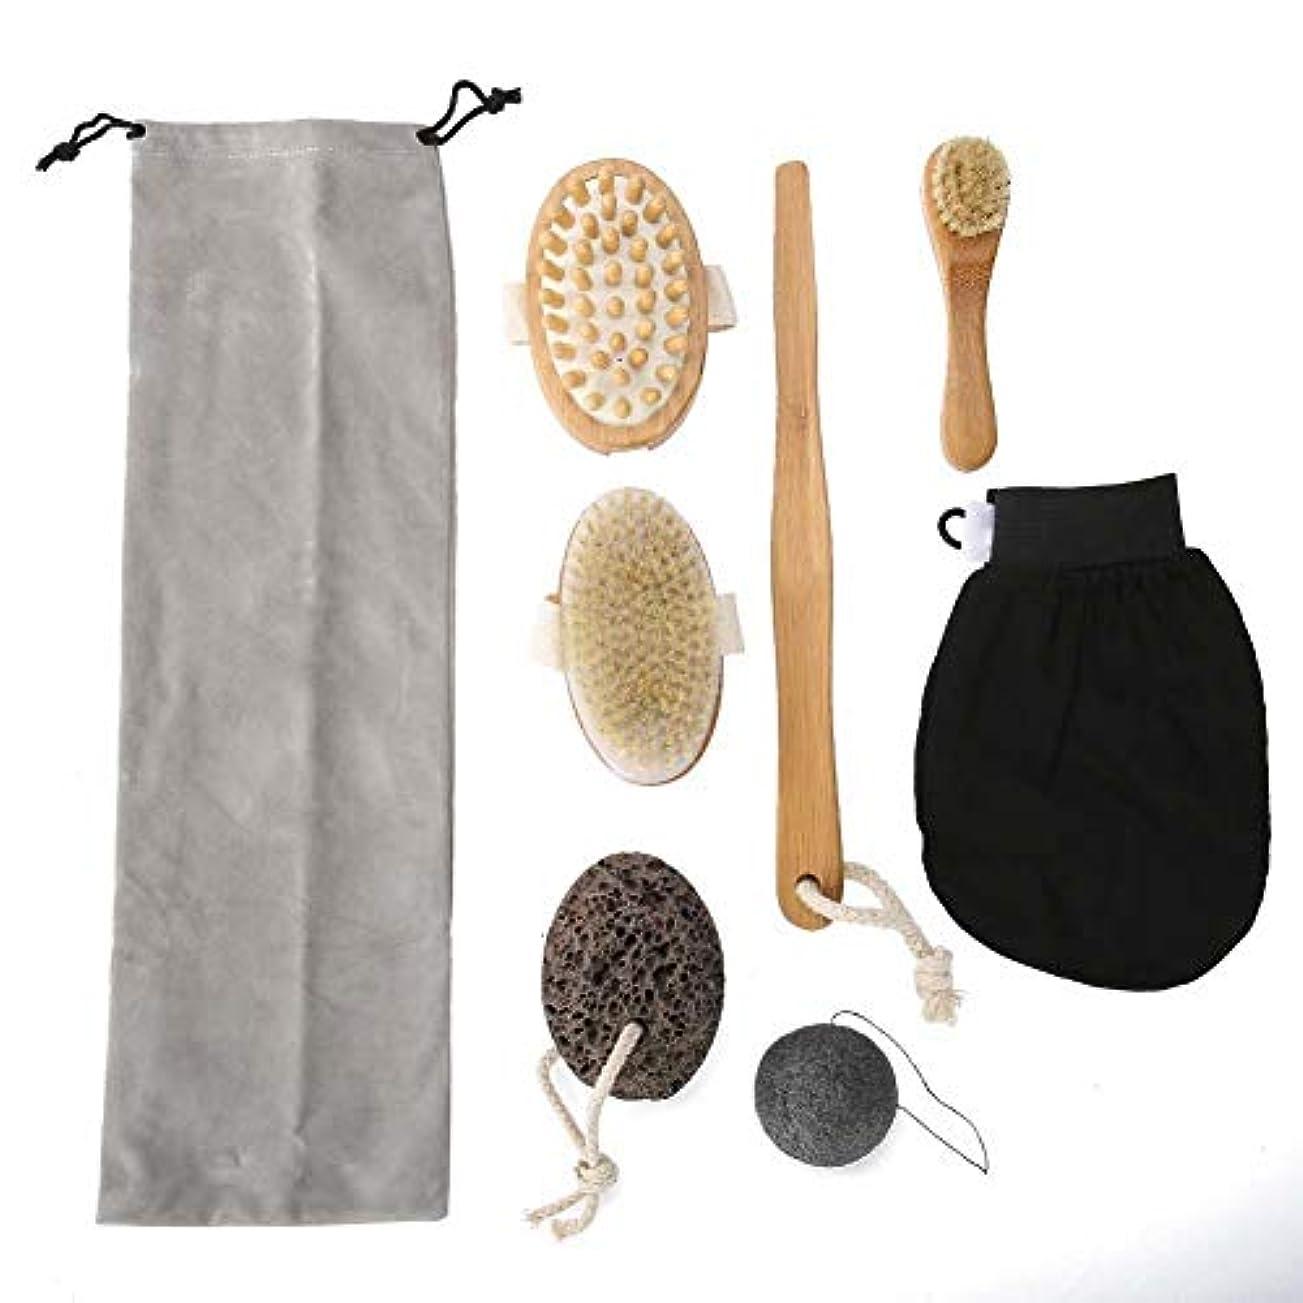 ボディブラシマッサージ、7ピースブラシ剥離ハンドルロングブラシシャワーブラシバックシャワーに適し女性と男性ホームボディクリーン